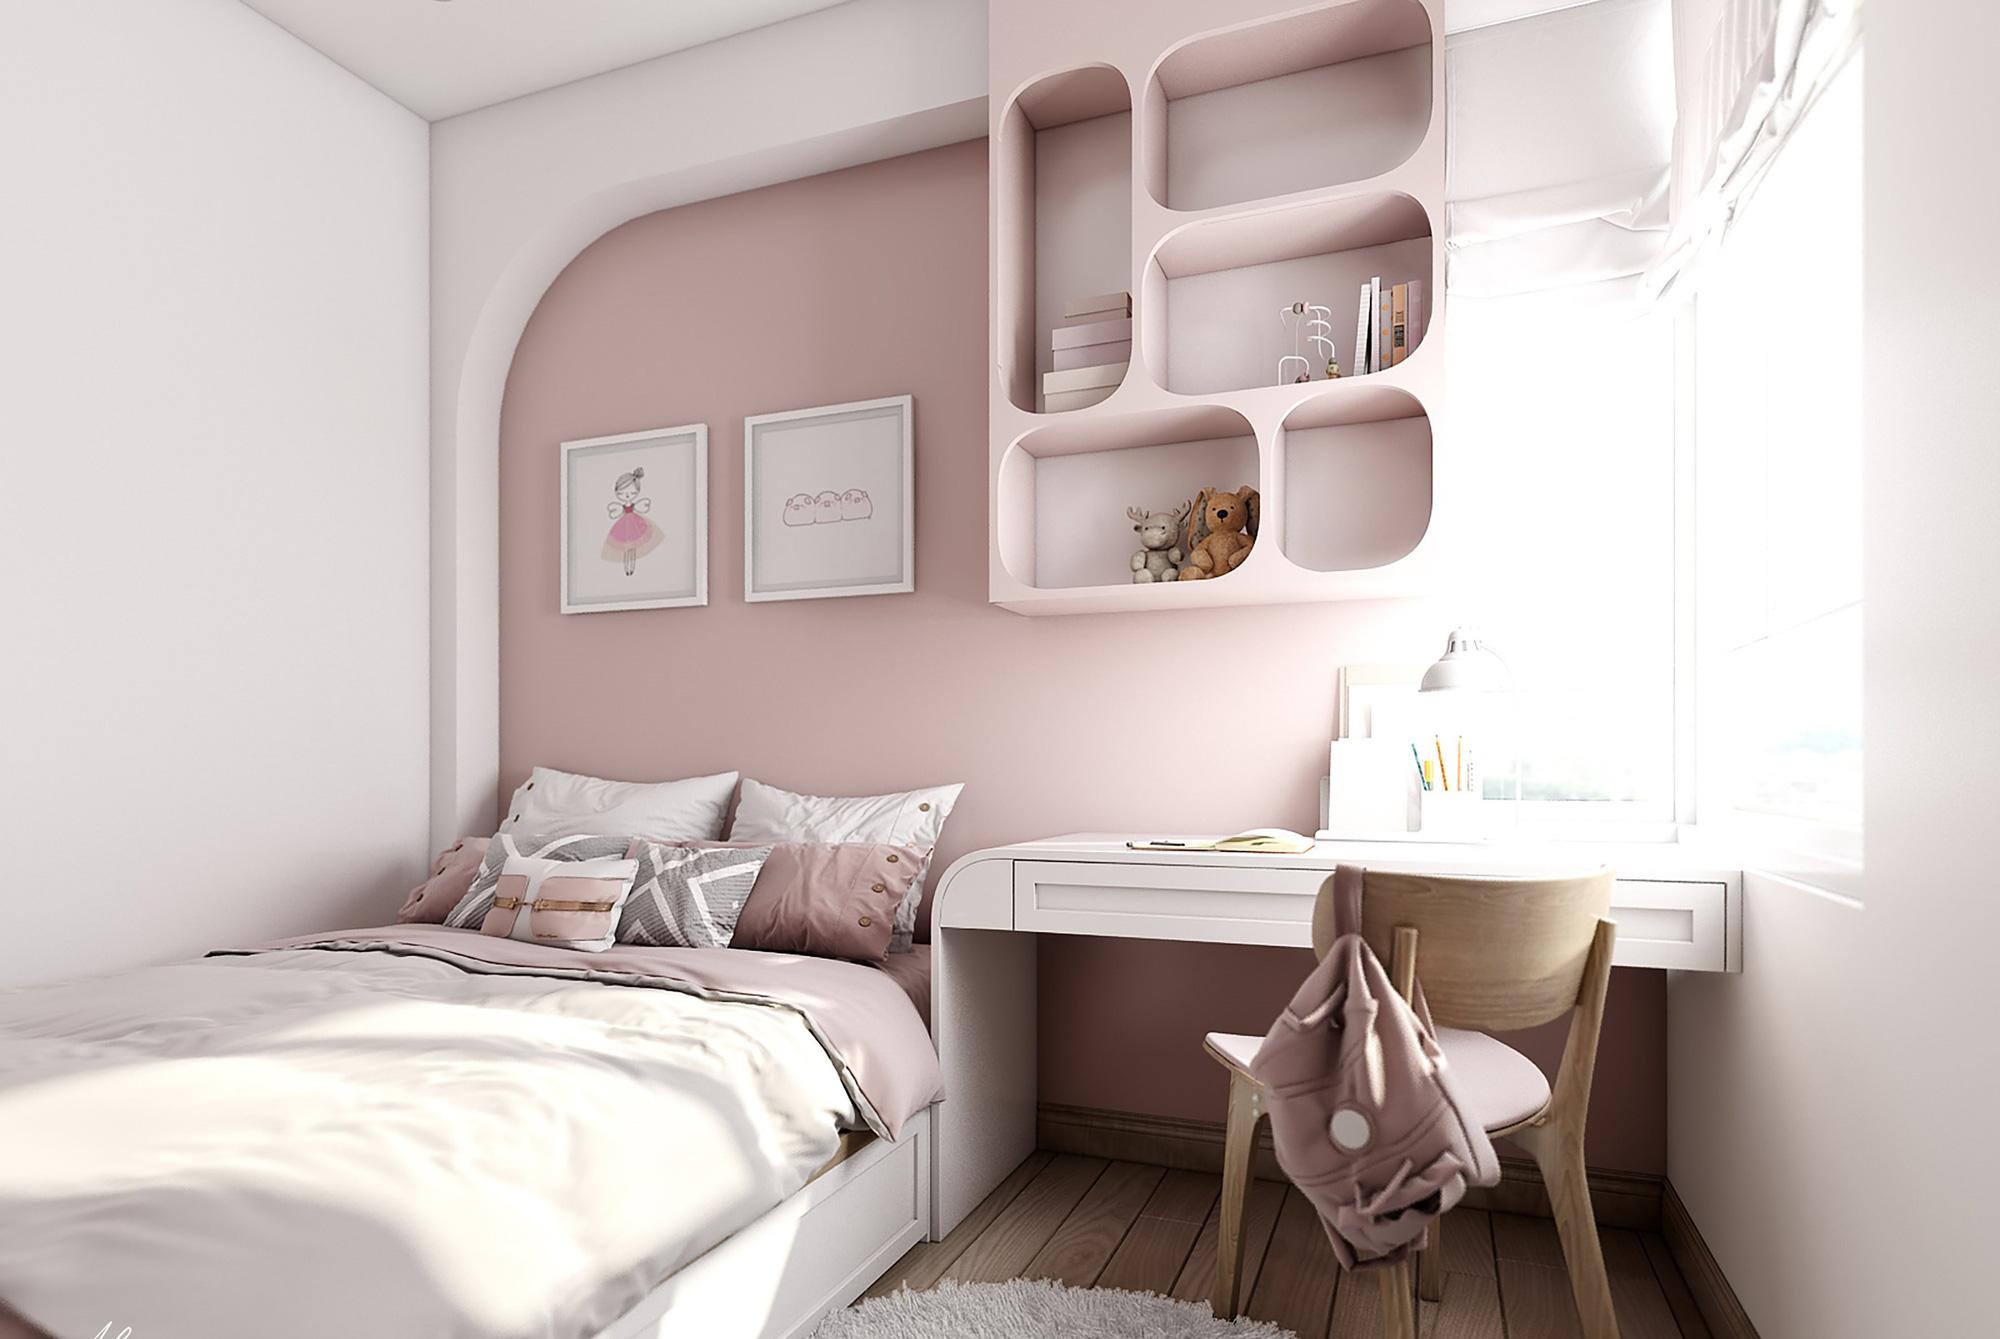 Tư vấn thiết kế căn hộ 90m² theo phong cách Scandinavian cho gia đình 3 người, chi phí 200 triệu - Ảnh 10.